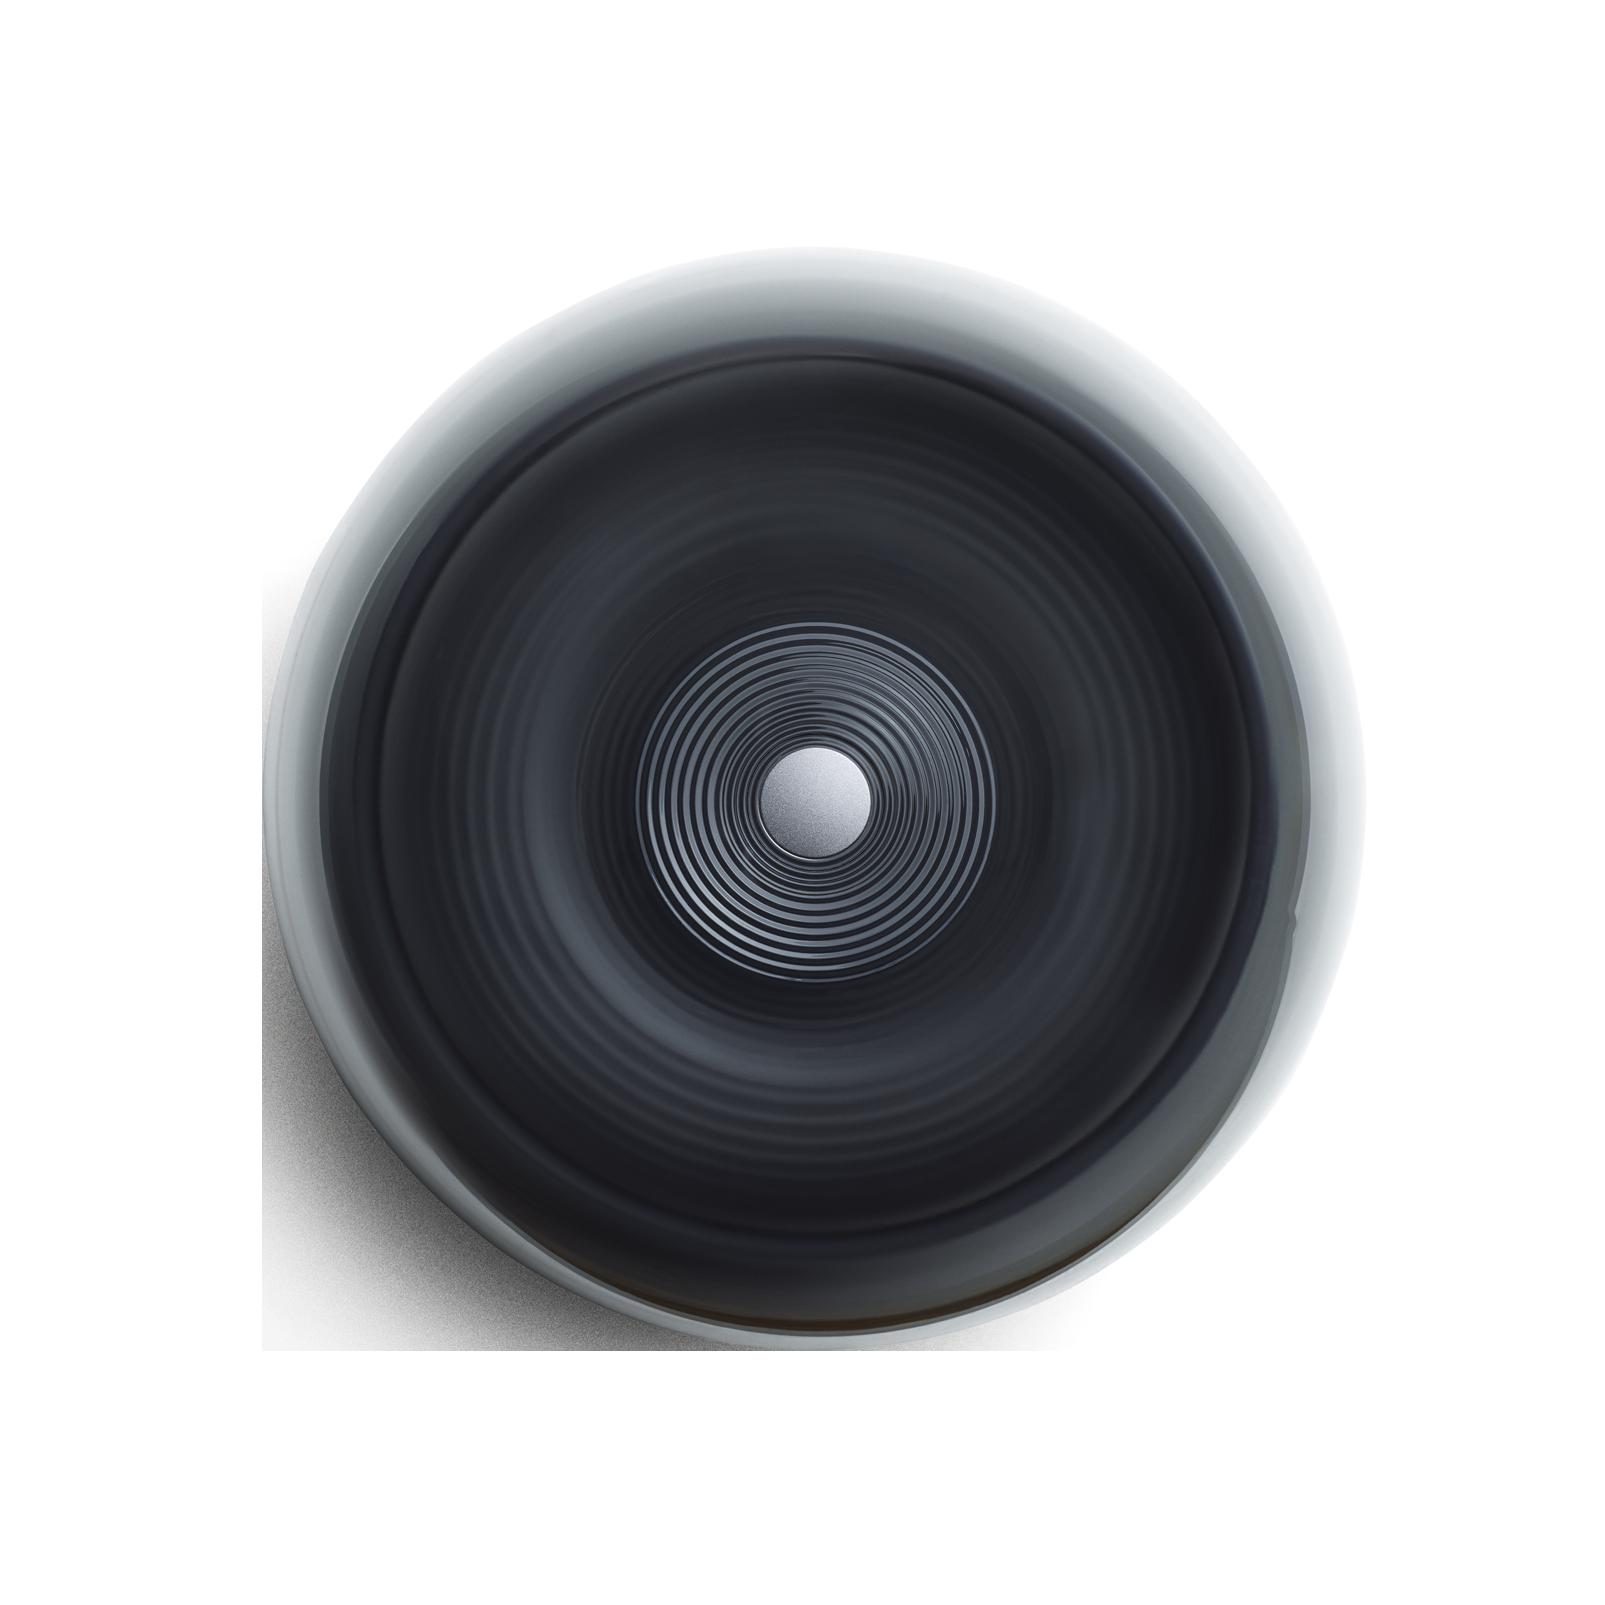 Harman Kardon SoundSticks 4 - Black - Bluetooth Speaker System - Detailshot 9